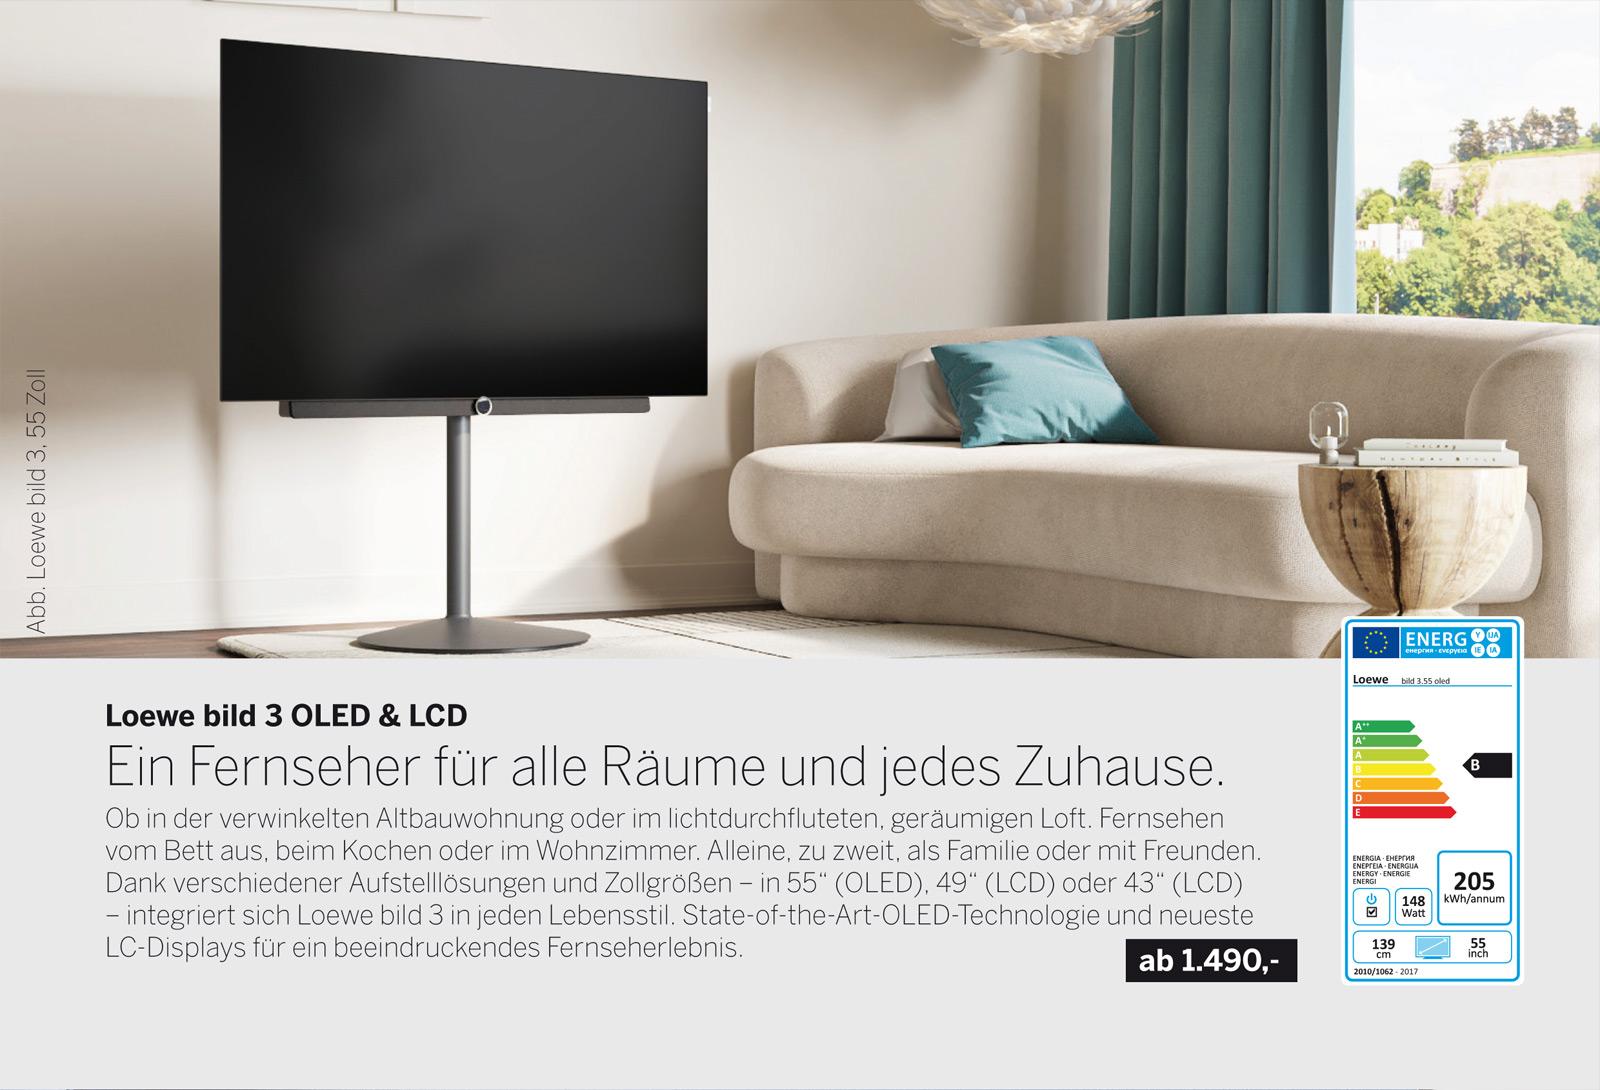 Loewe bild 3 UHD Smart TV mit OLED oder LCD. Gestochen scharfe Details, perfekte Kontraste & Farbbrillanz, eindrucksvolles Design. Loewe bild 3 - Fernseher für alle.